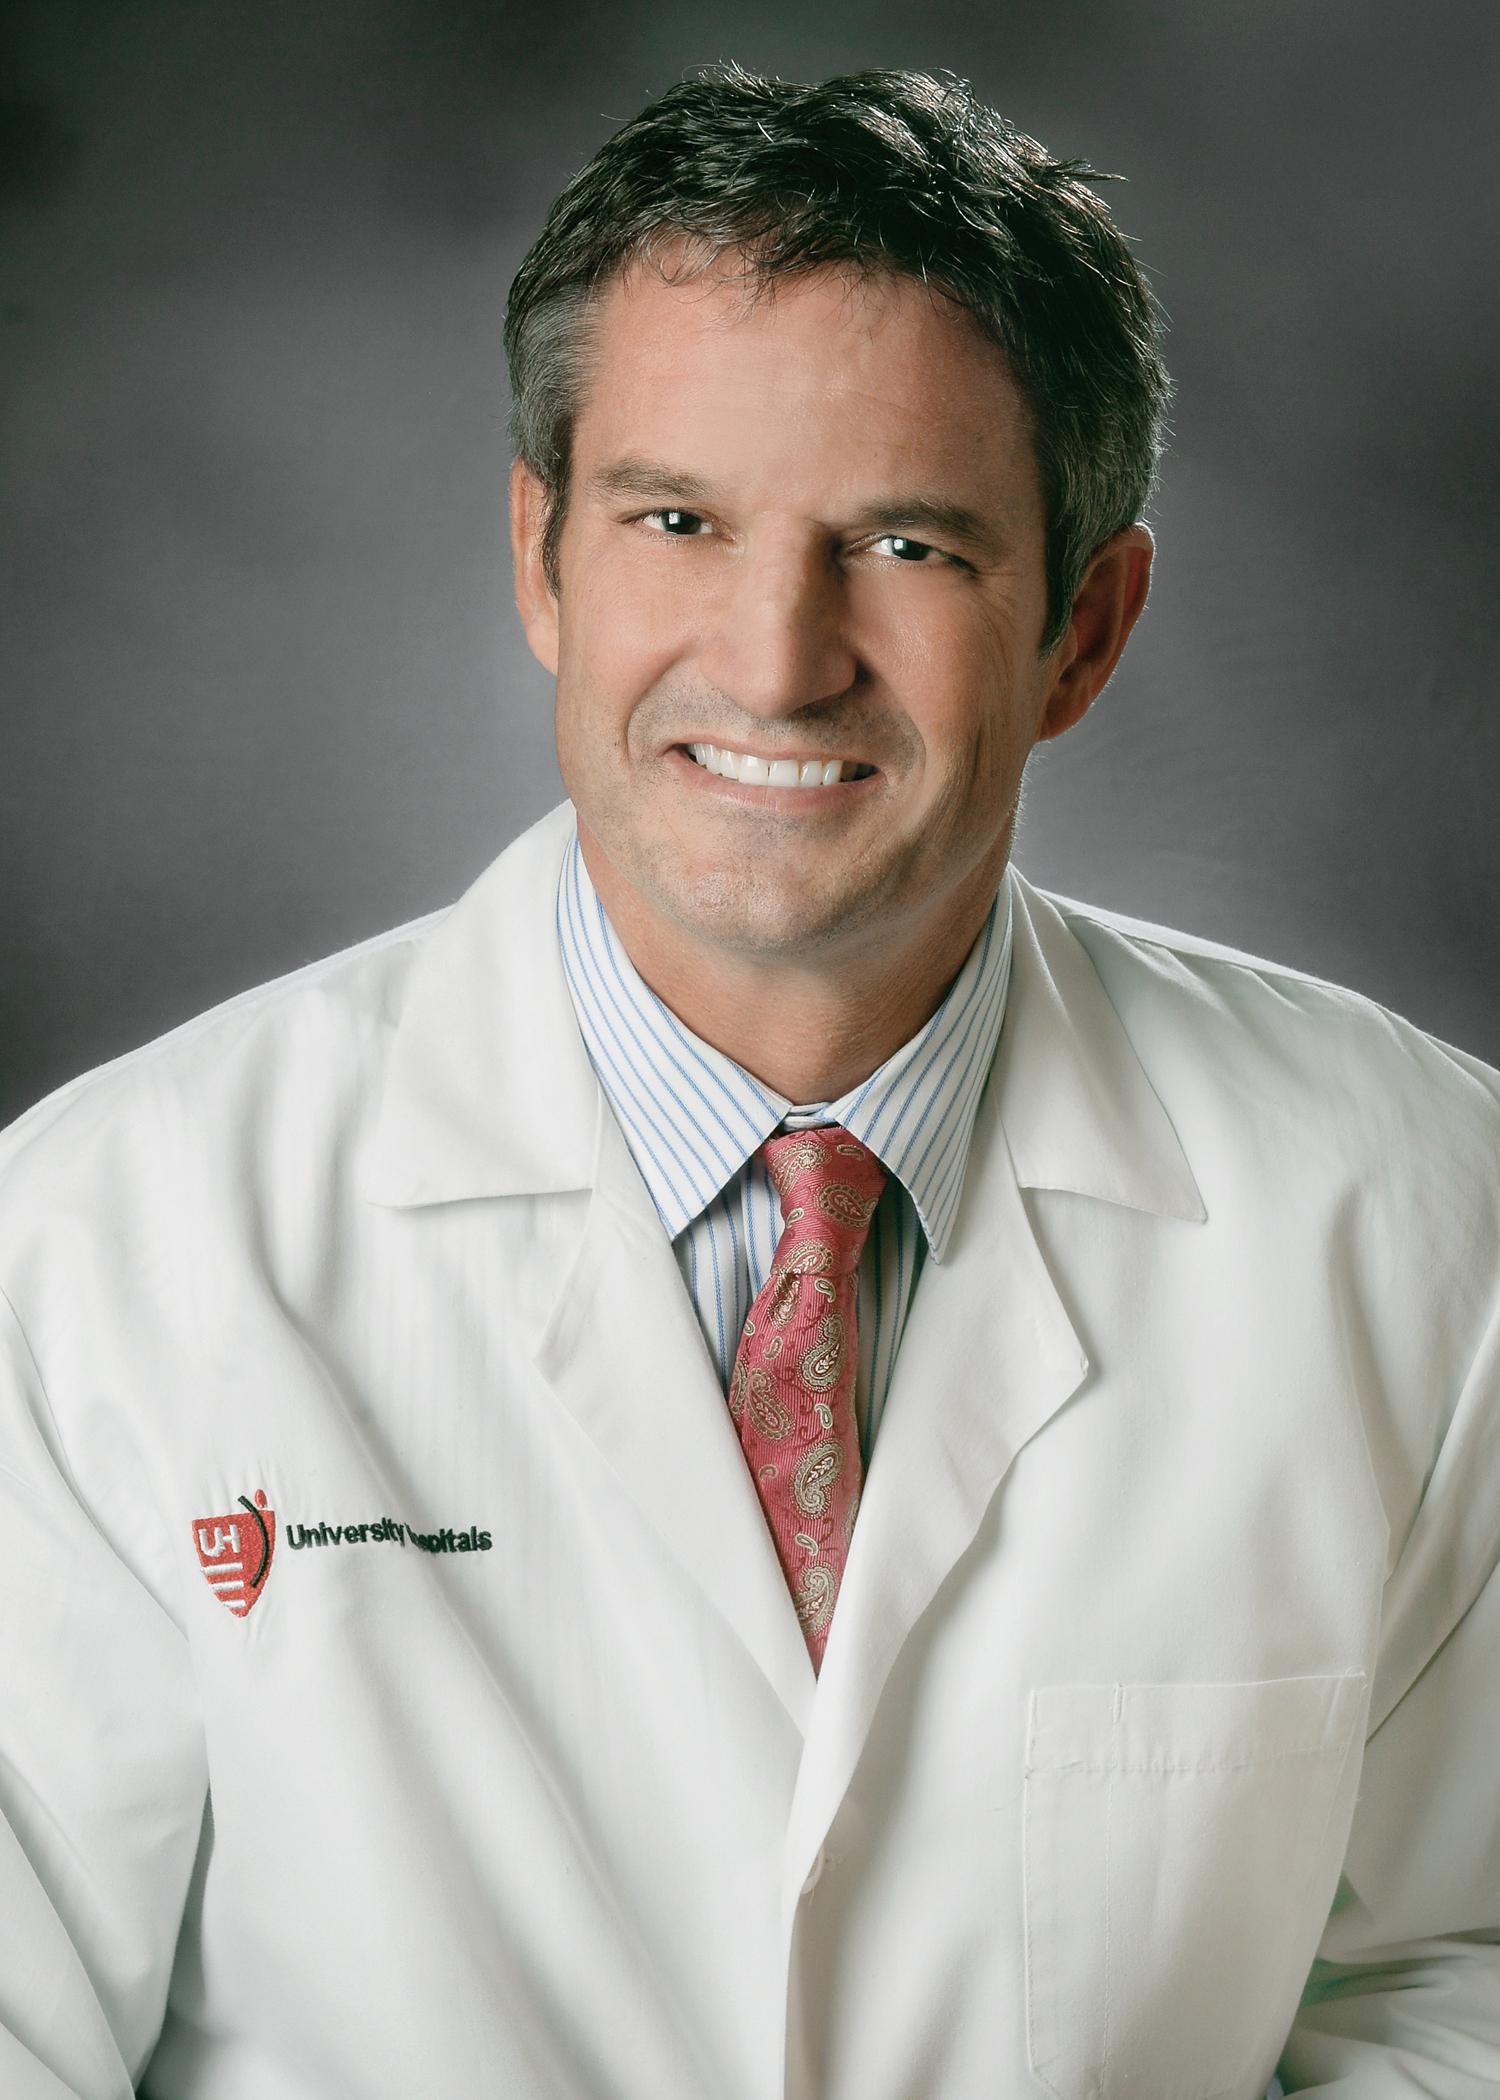 Jeffrey Shroyer, MD